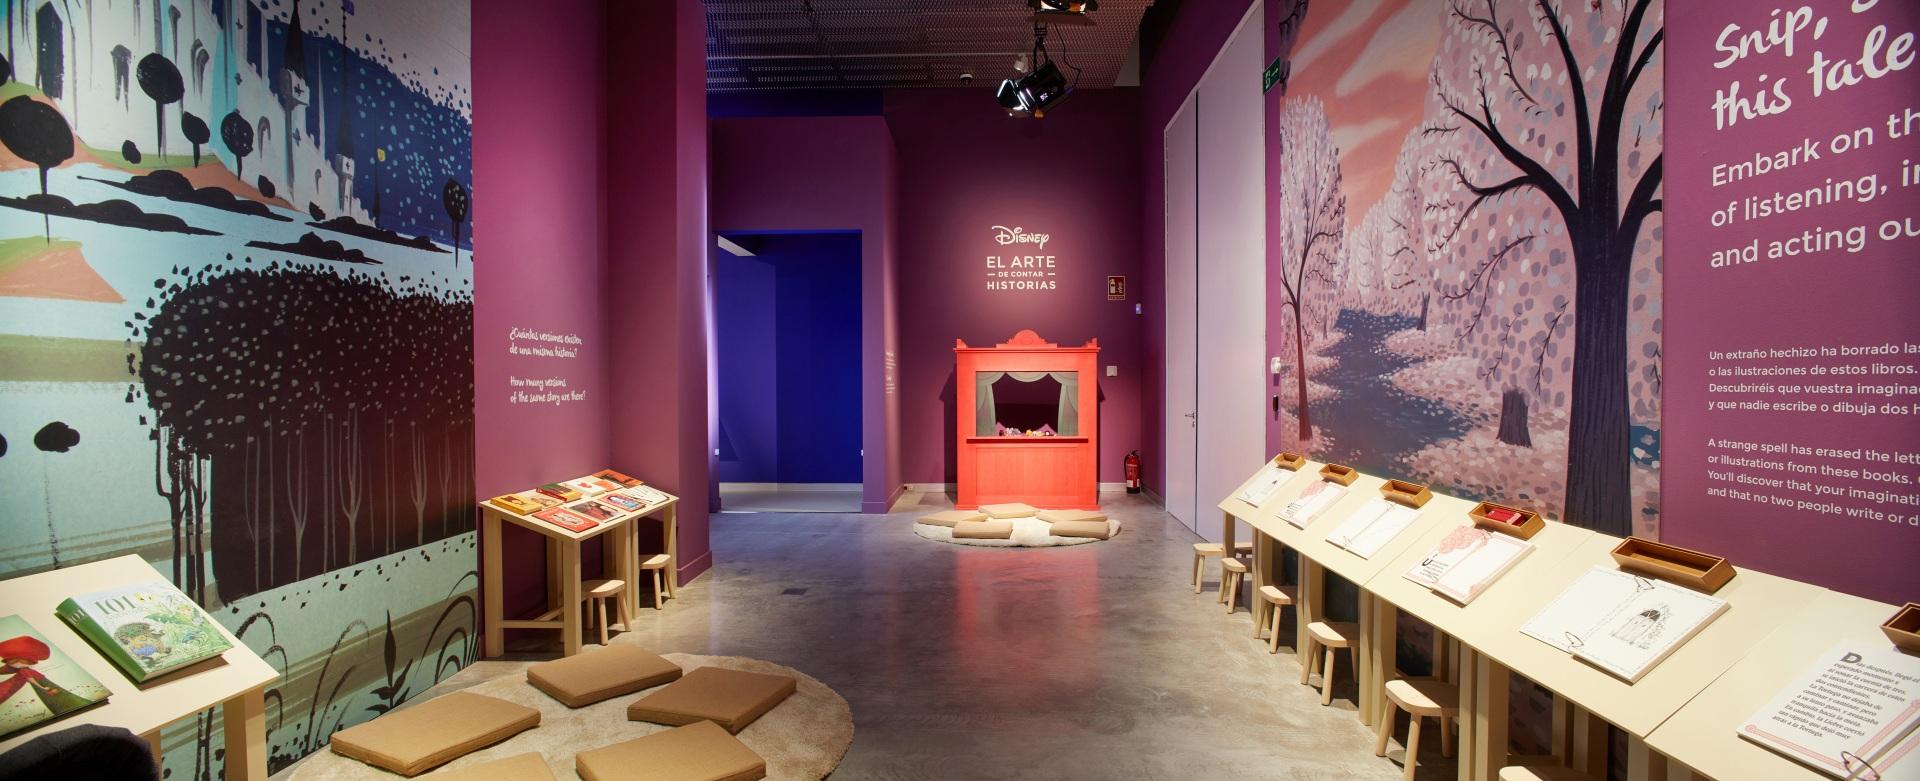 Exposición sobre Walt Disney. Espacio infantil con paisajes de colores de fondo. Mesas de dibujo para niños. Teatro de marionetas.